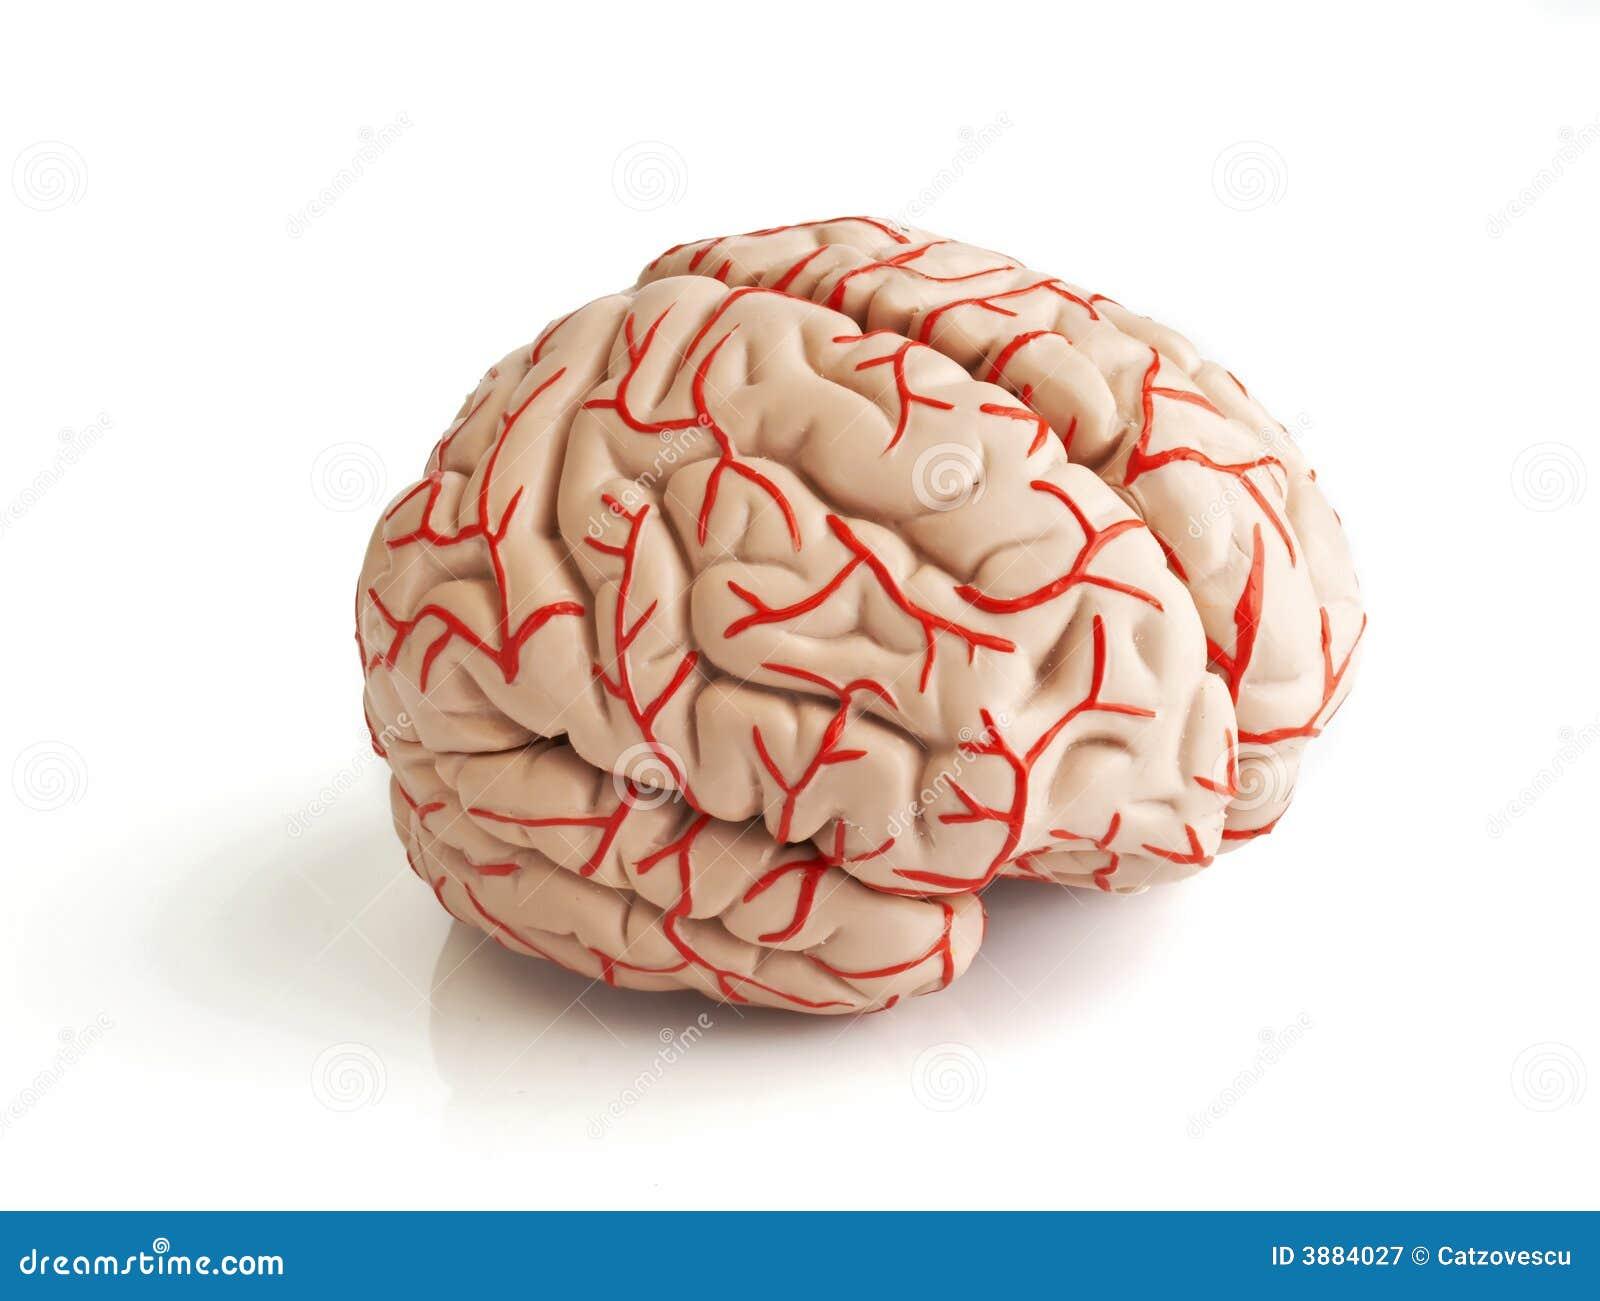 Modello di gomma anatomicamente corretto del reggiseno umano